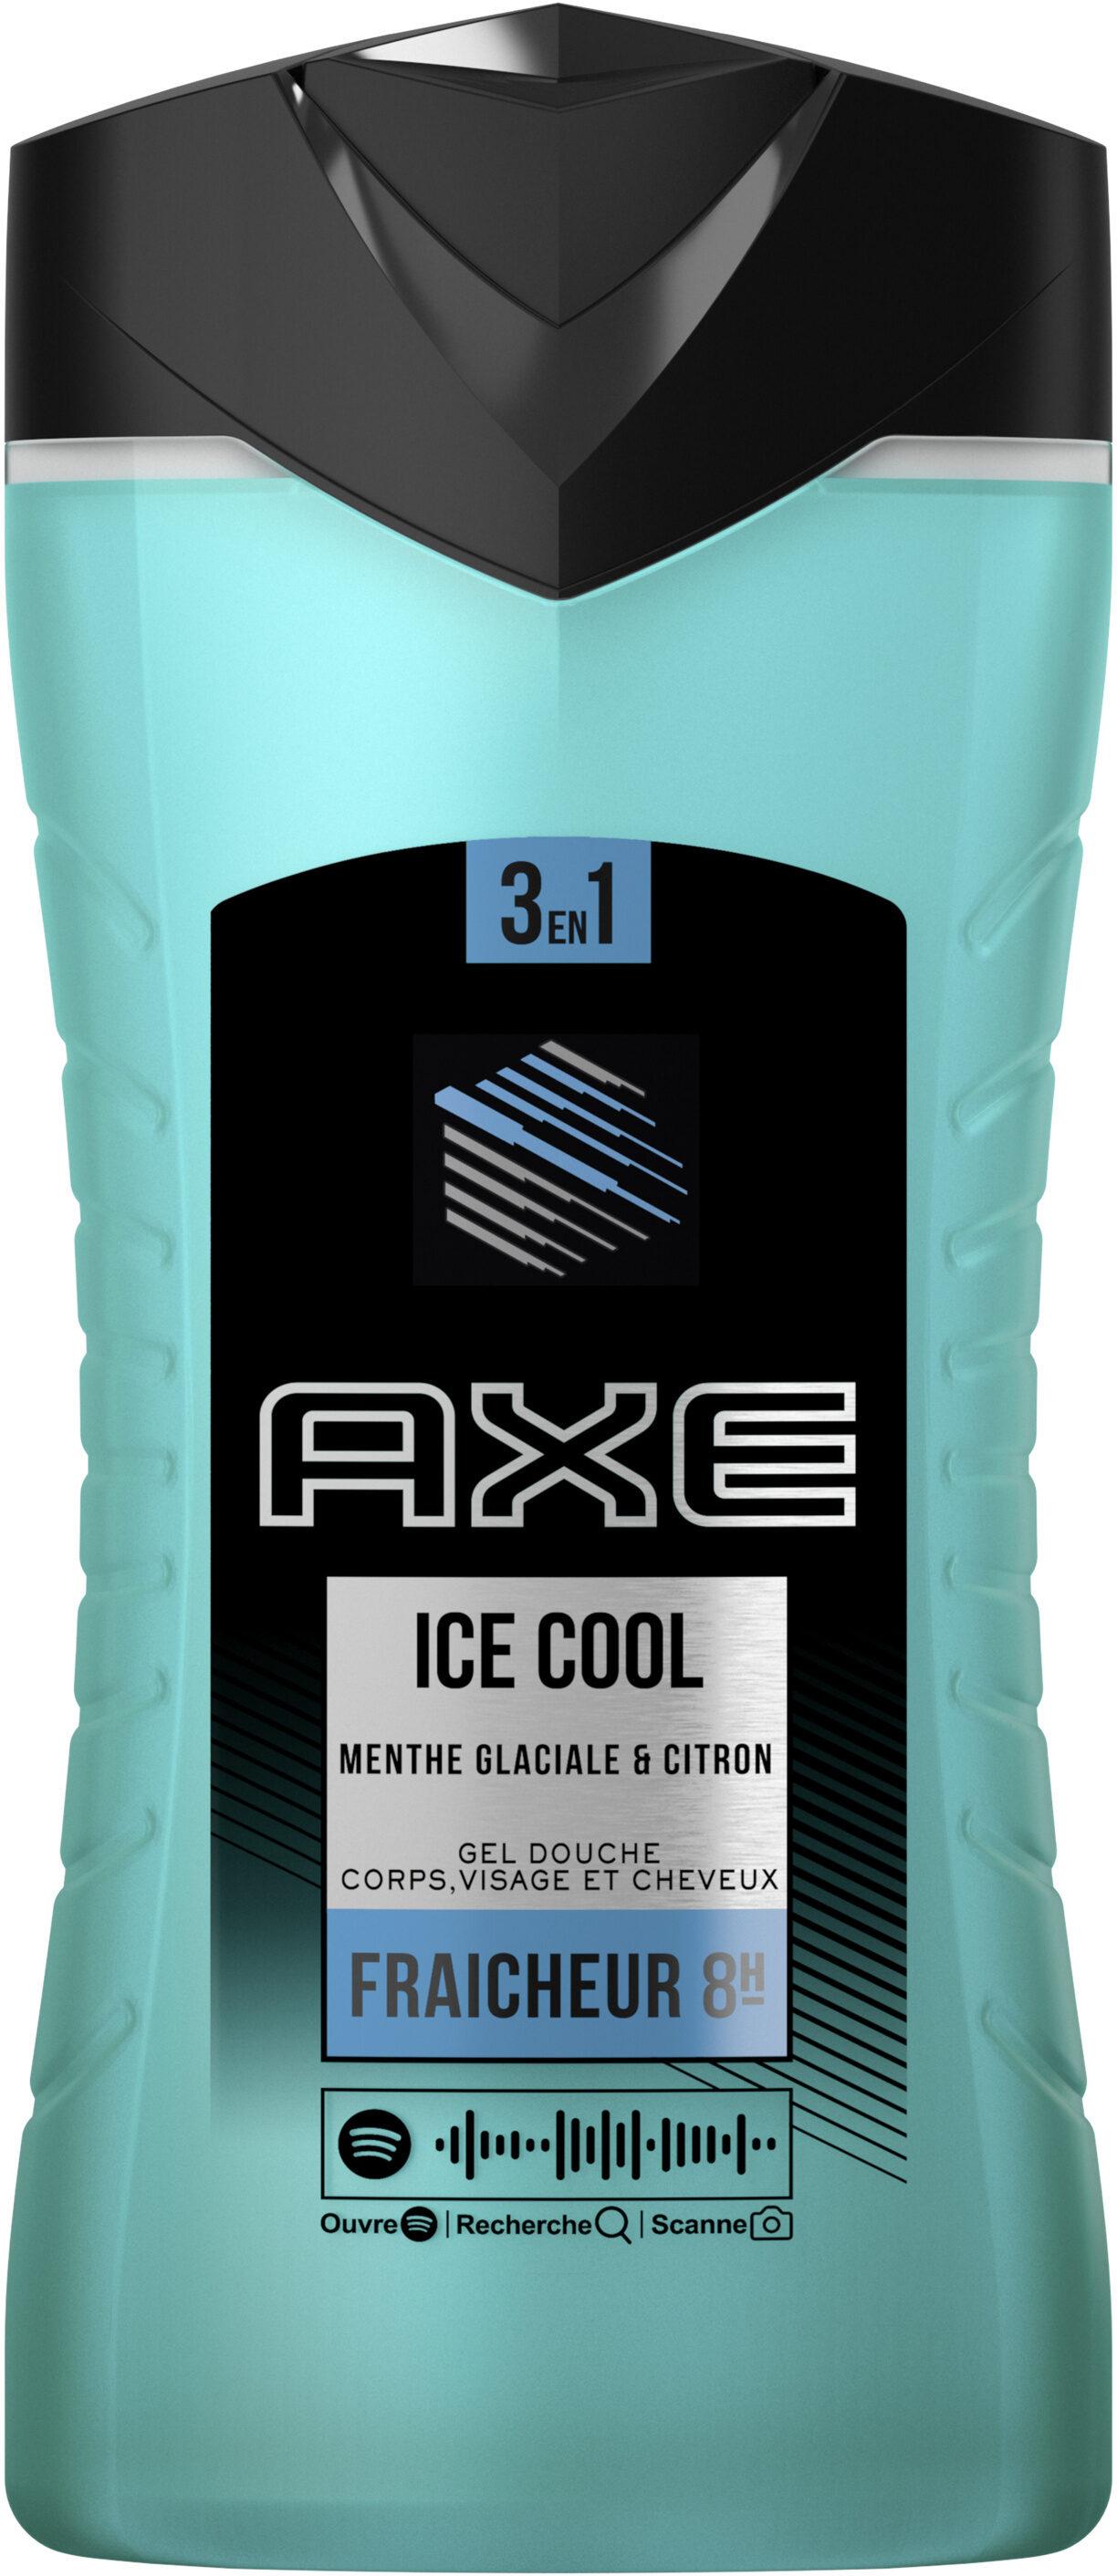 AXE Gel Douche 3en1 Ice Cool Fraîcheur Glaciale - Product - fr